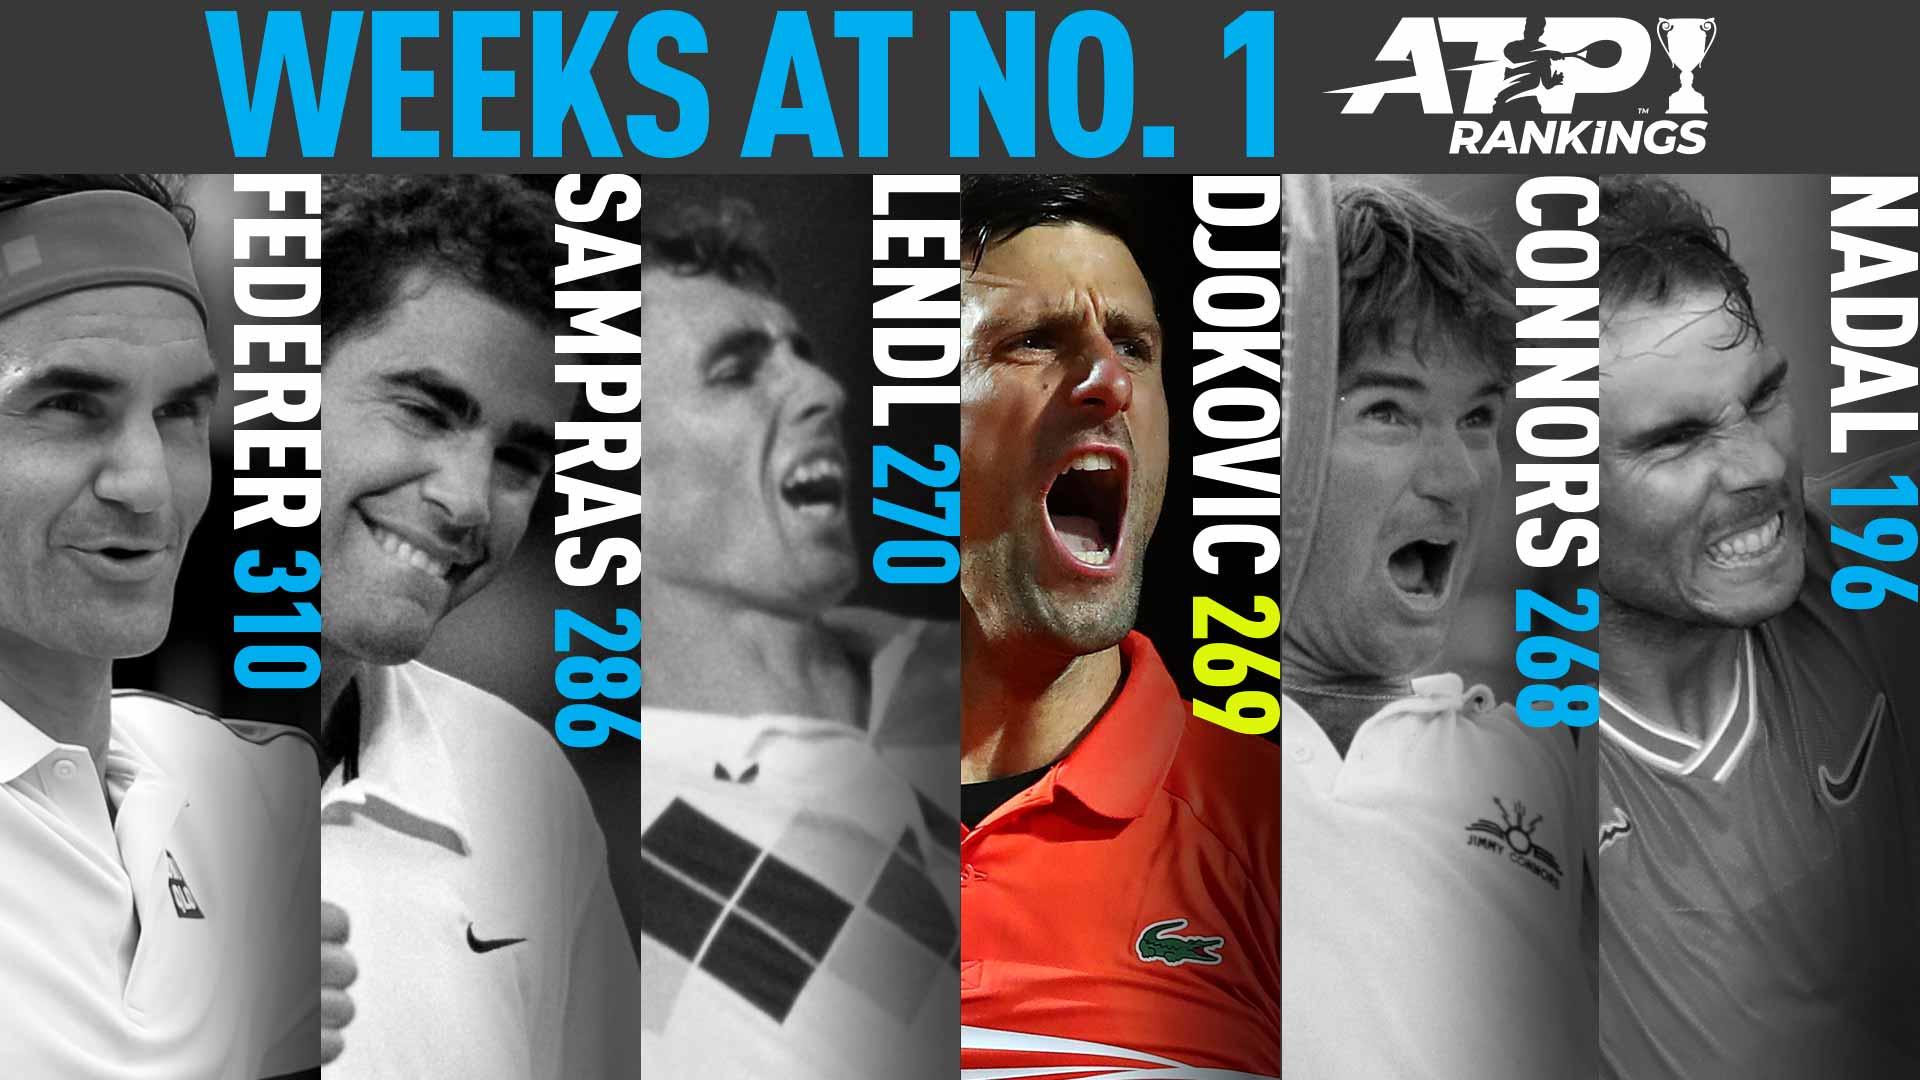 Джокович обошел Коннорса в рейтинге первых ракеток мира